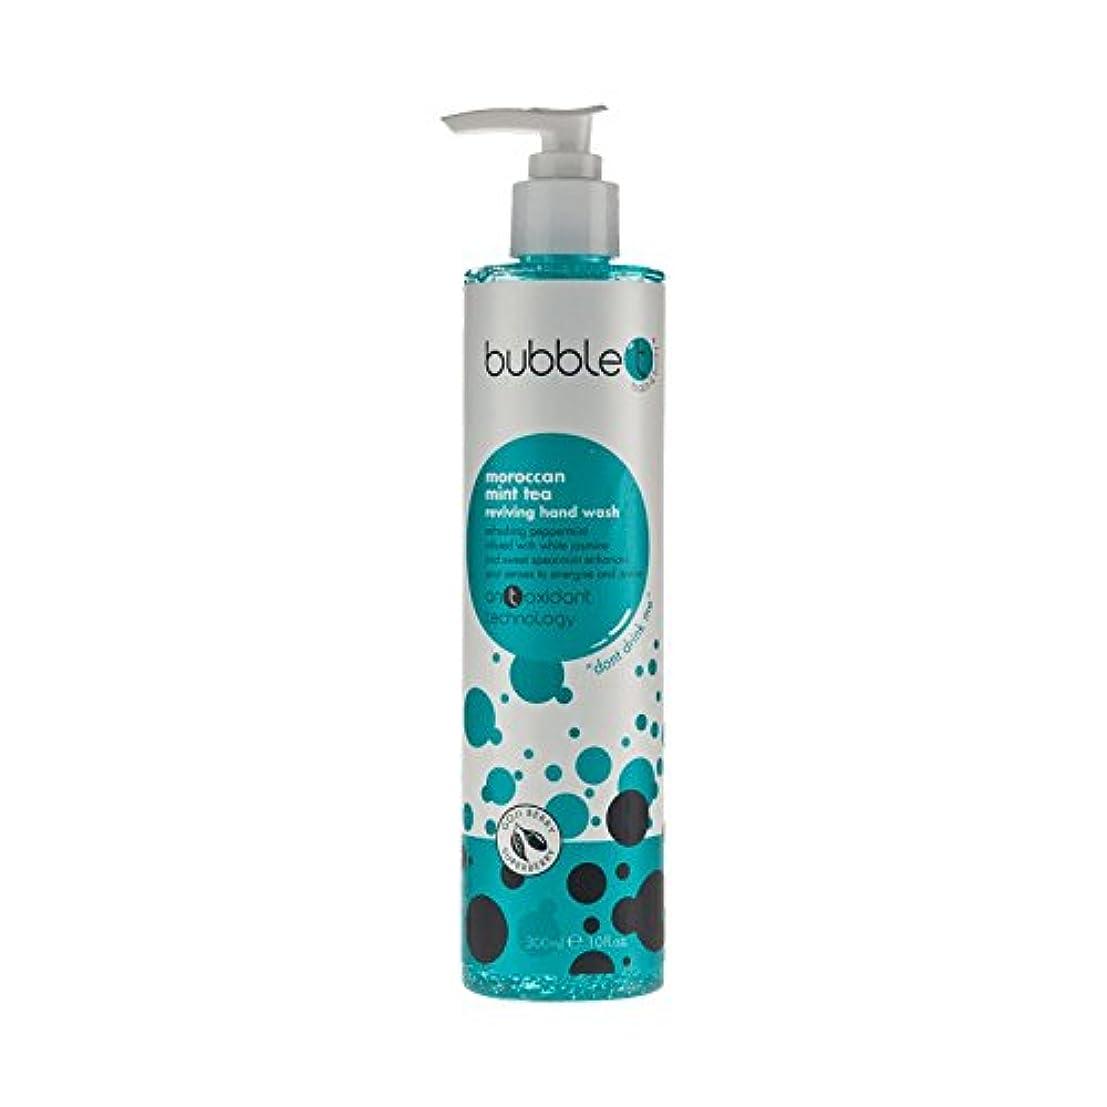 不規則性ストローク路面電車バブルトン手洗いモロッコミント300ミリリットル - Bubble T Hand Wash Morrocan Mint 300ml (Bubble T) [並行輸入品]